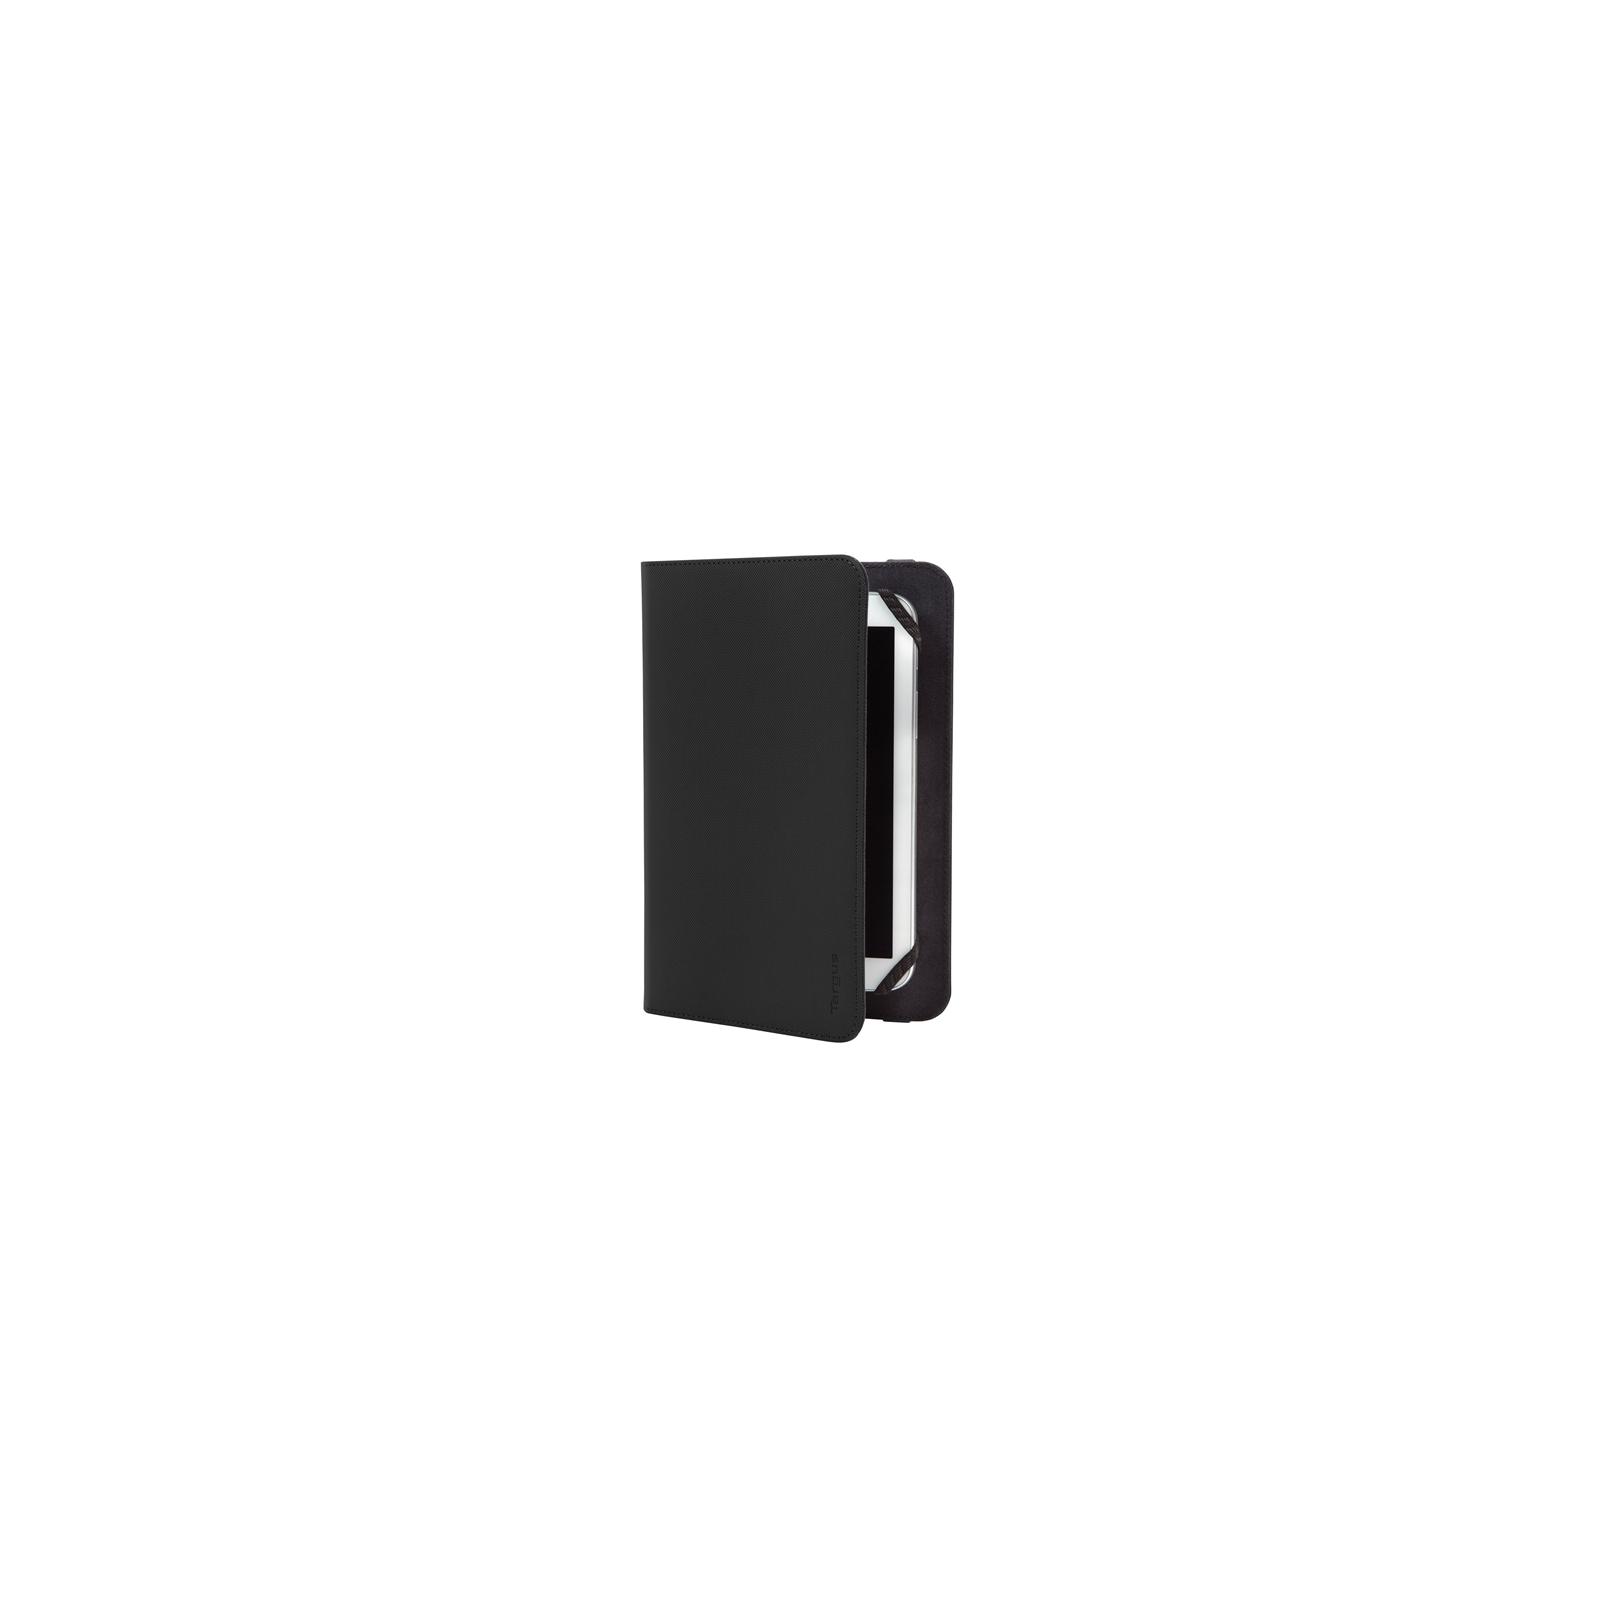 """Чехол для планшета Targus 7-8"""" Universal BLACK book (THZ33804EU) изображение 2"""